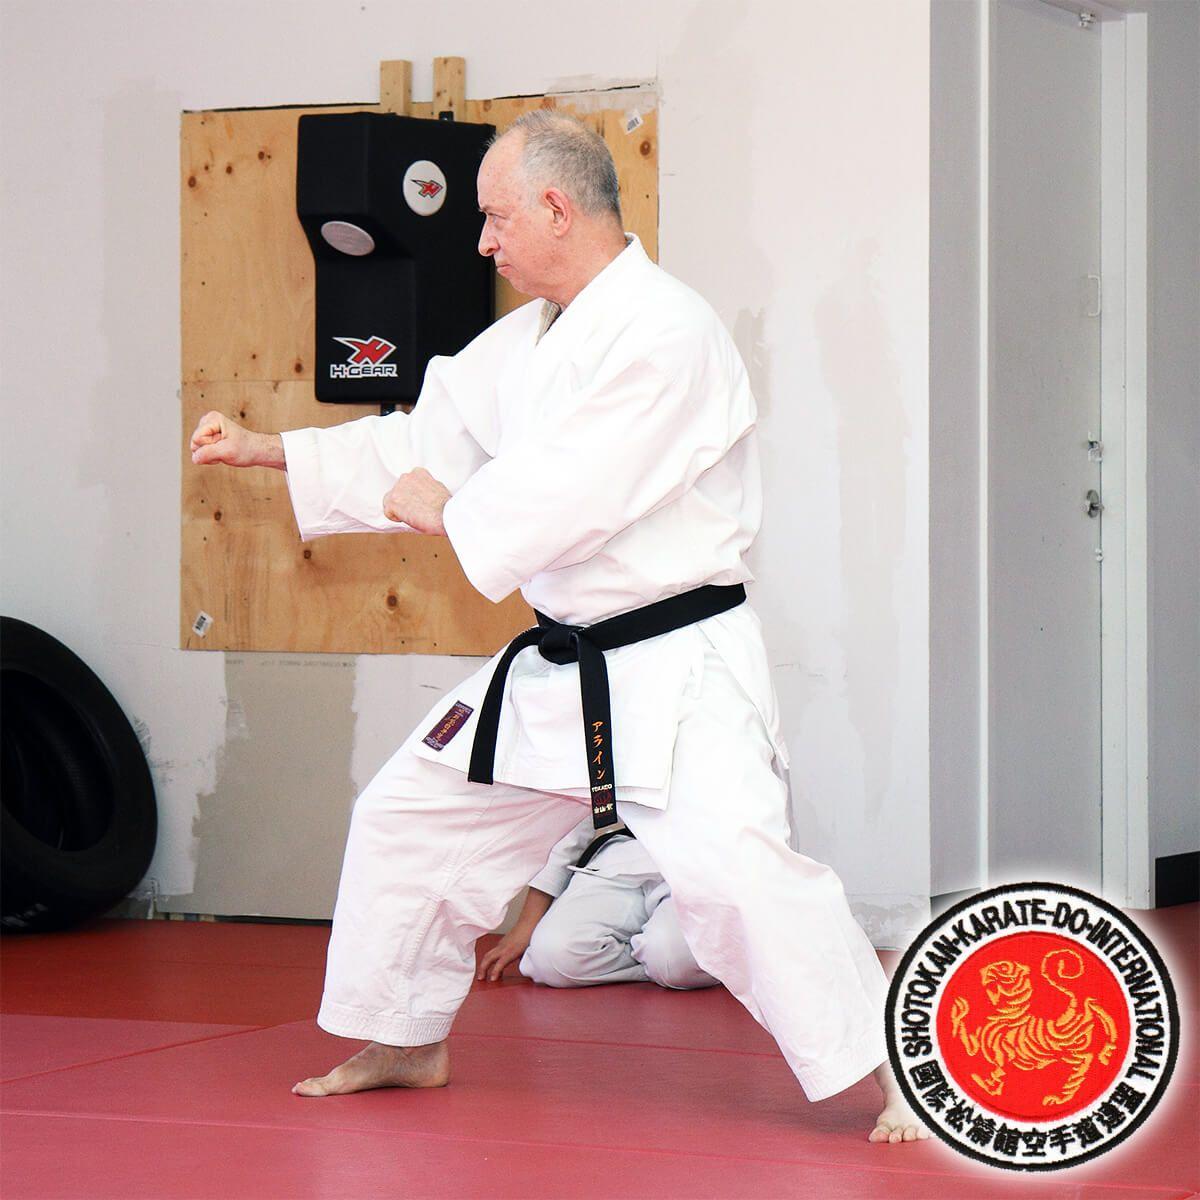 Karate school in ottawa shotokan karate shotokan